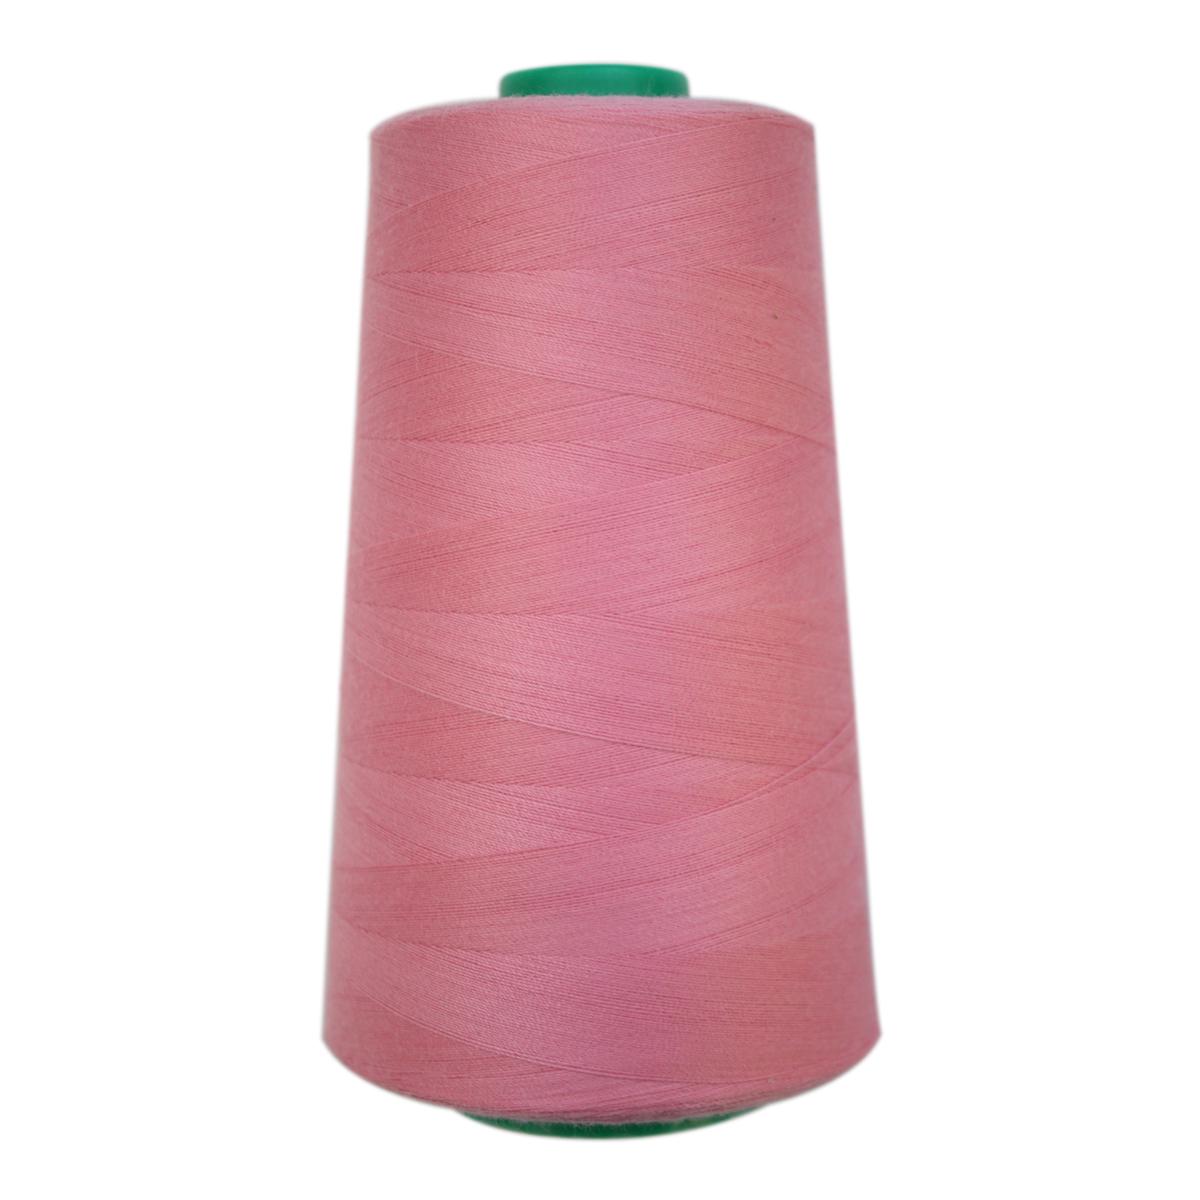 Нитки для шитья Bestex 50/2, 5000 ярд, цвет: розовый (035)7700936-035Сфера использования: трикотаж; ткани малого веса; оверлочные швы; отделка краев; вышивка. Размер игл №70-80